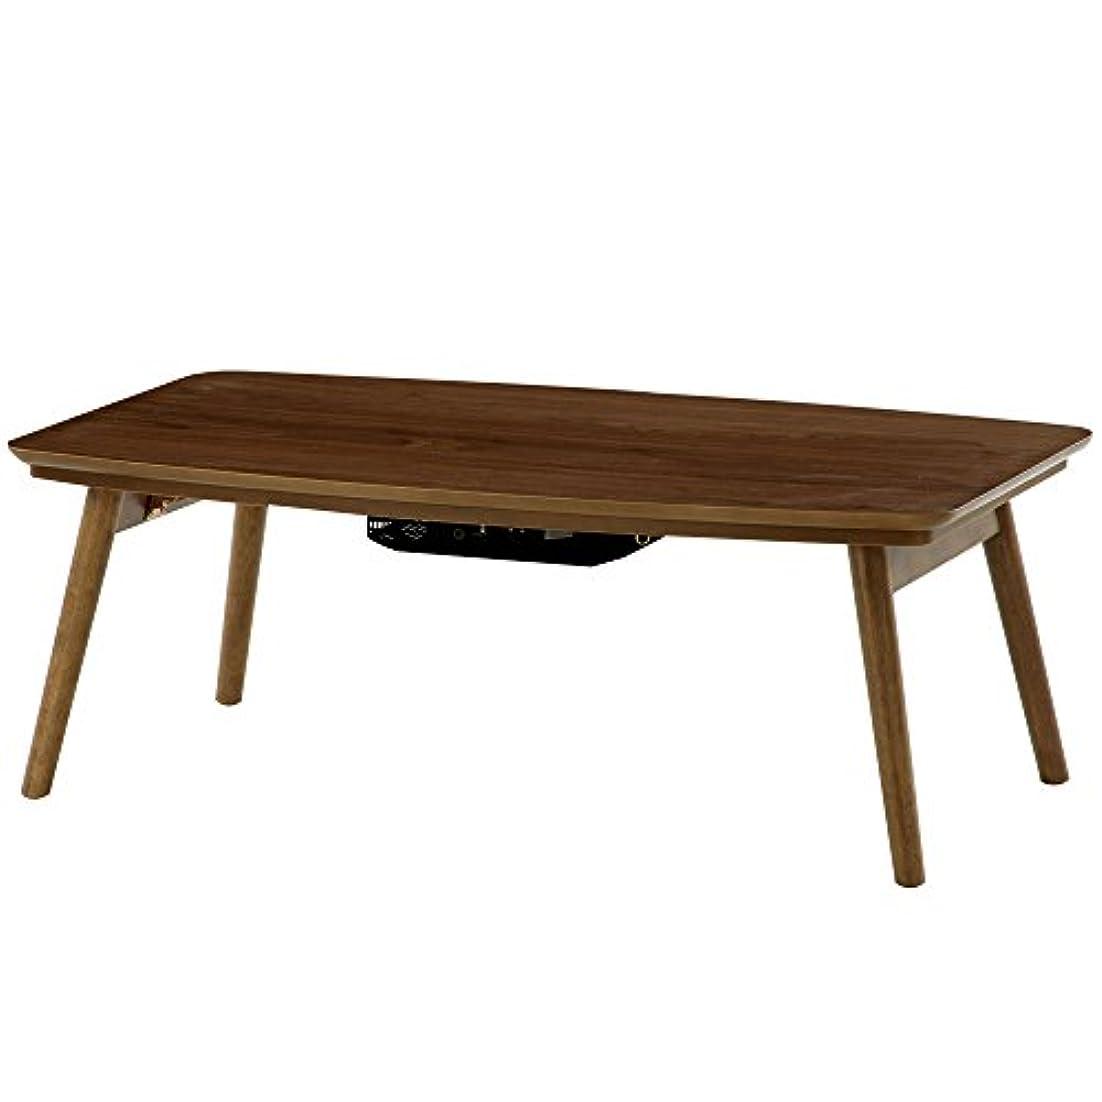 アラバマアルカトラズ島振動するぼん家具 完成品 折れ脚 カジュアルこたつ 折りたたみ シンプル こたつ テーブル 机 〔105×60cm〕 ウォールナット